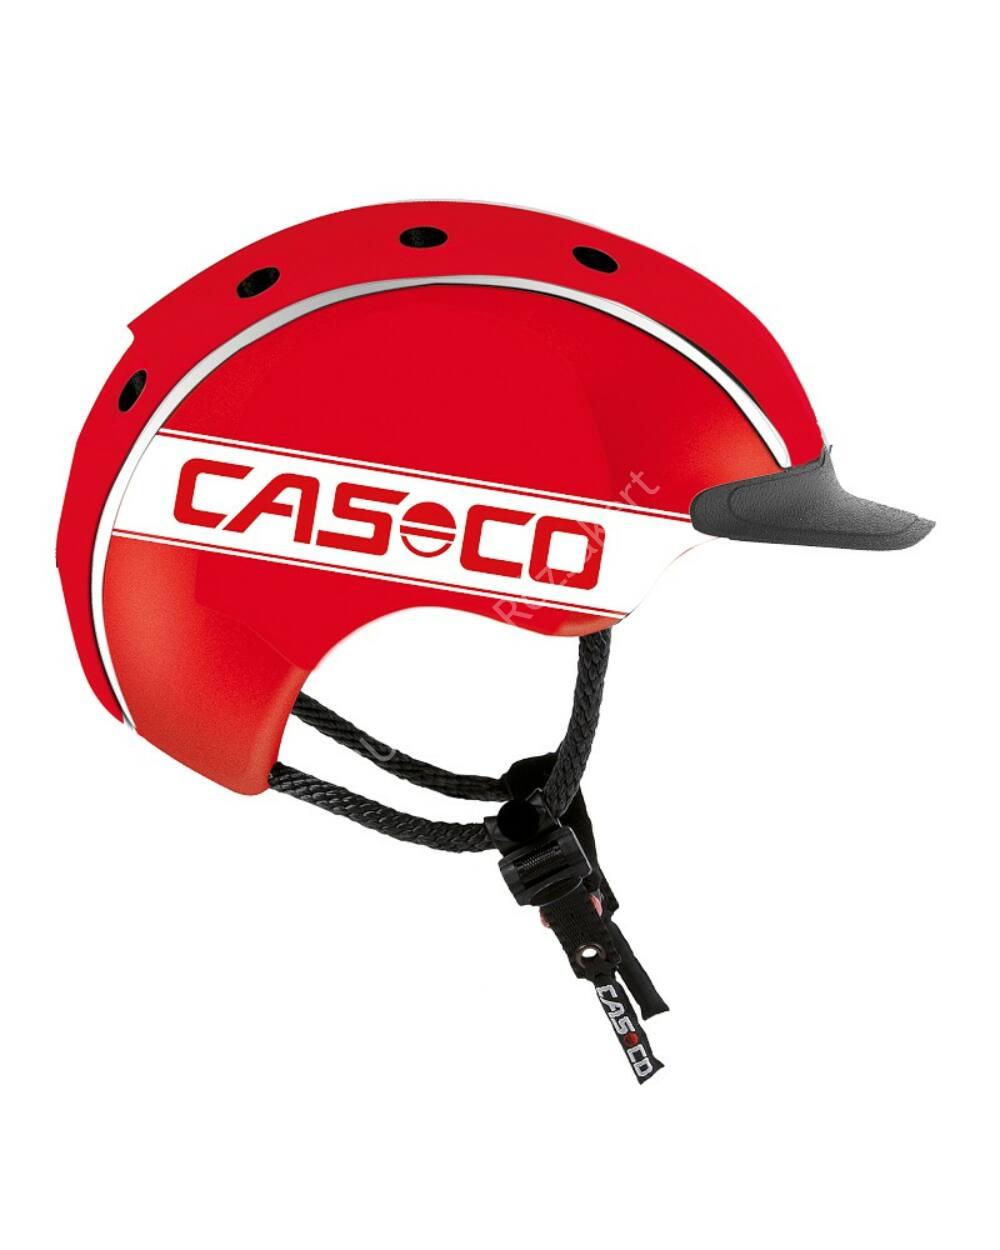 Casco Mini 2 Red bukósisak, piros, 52-56cm